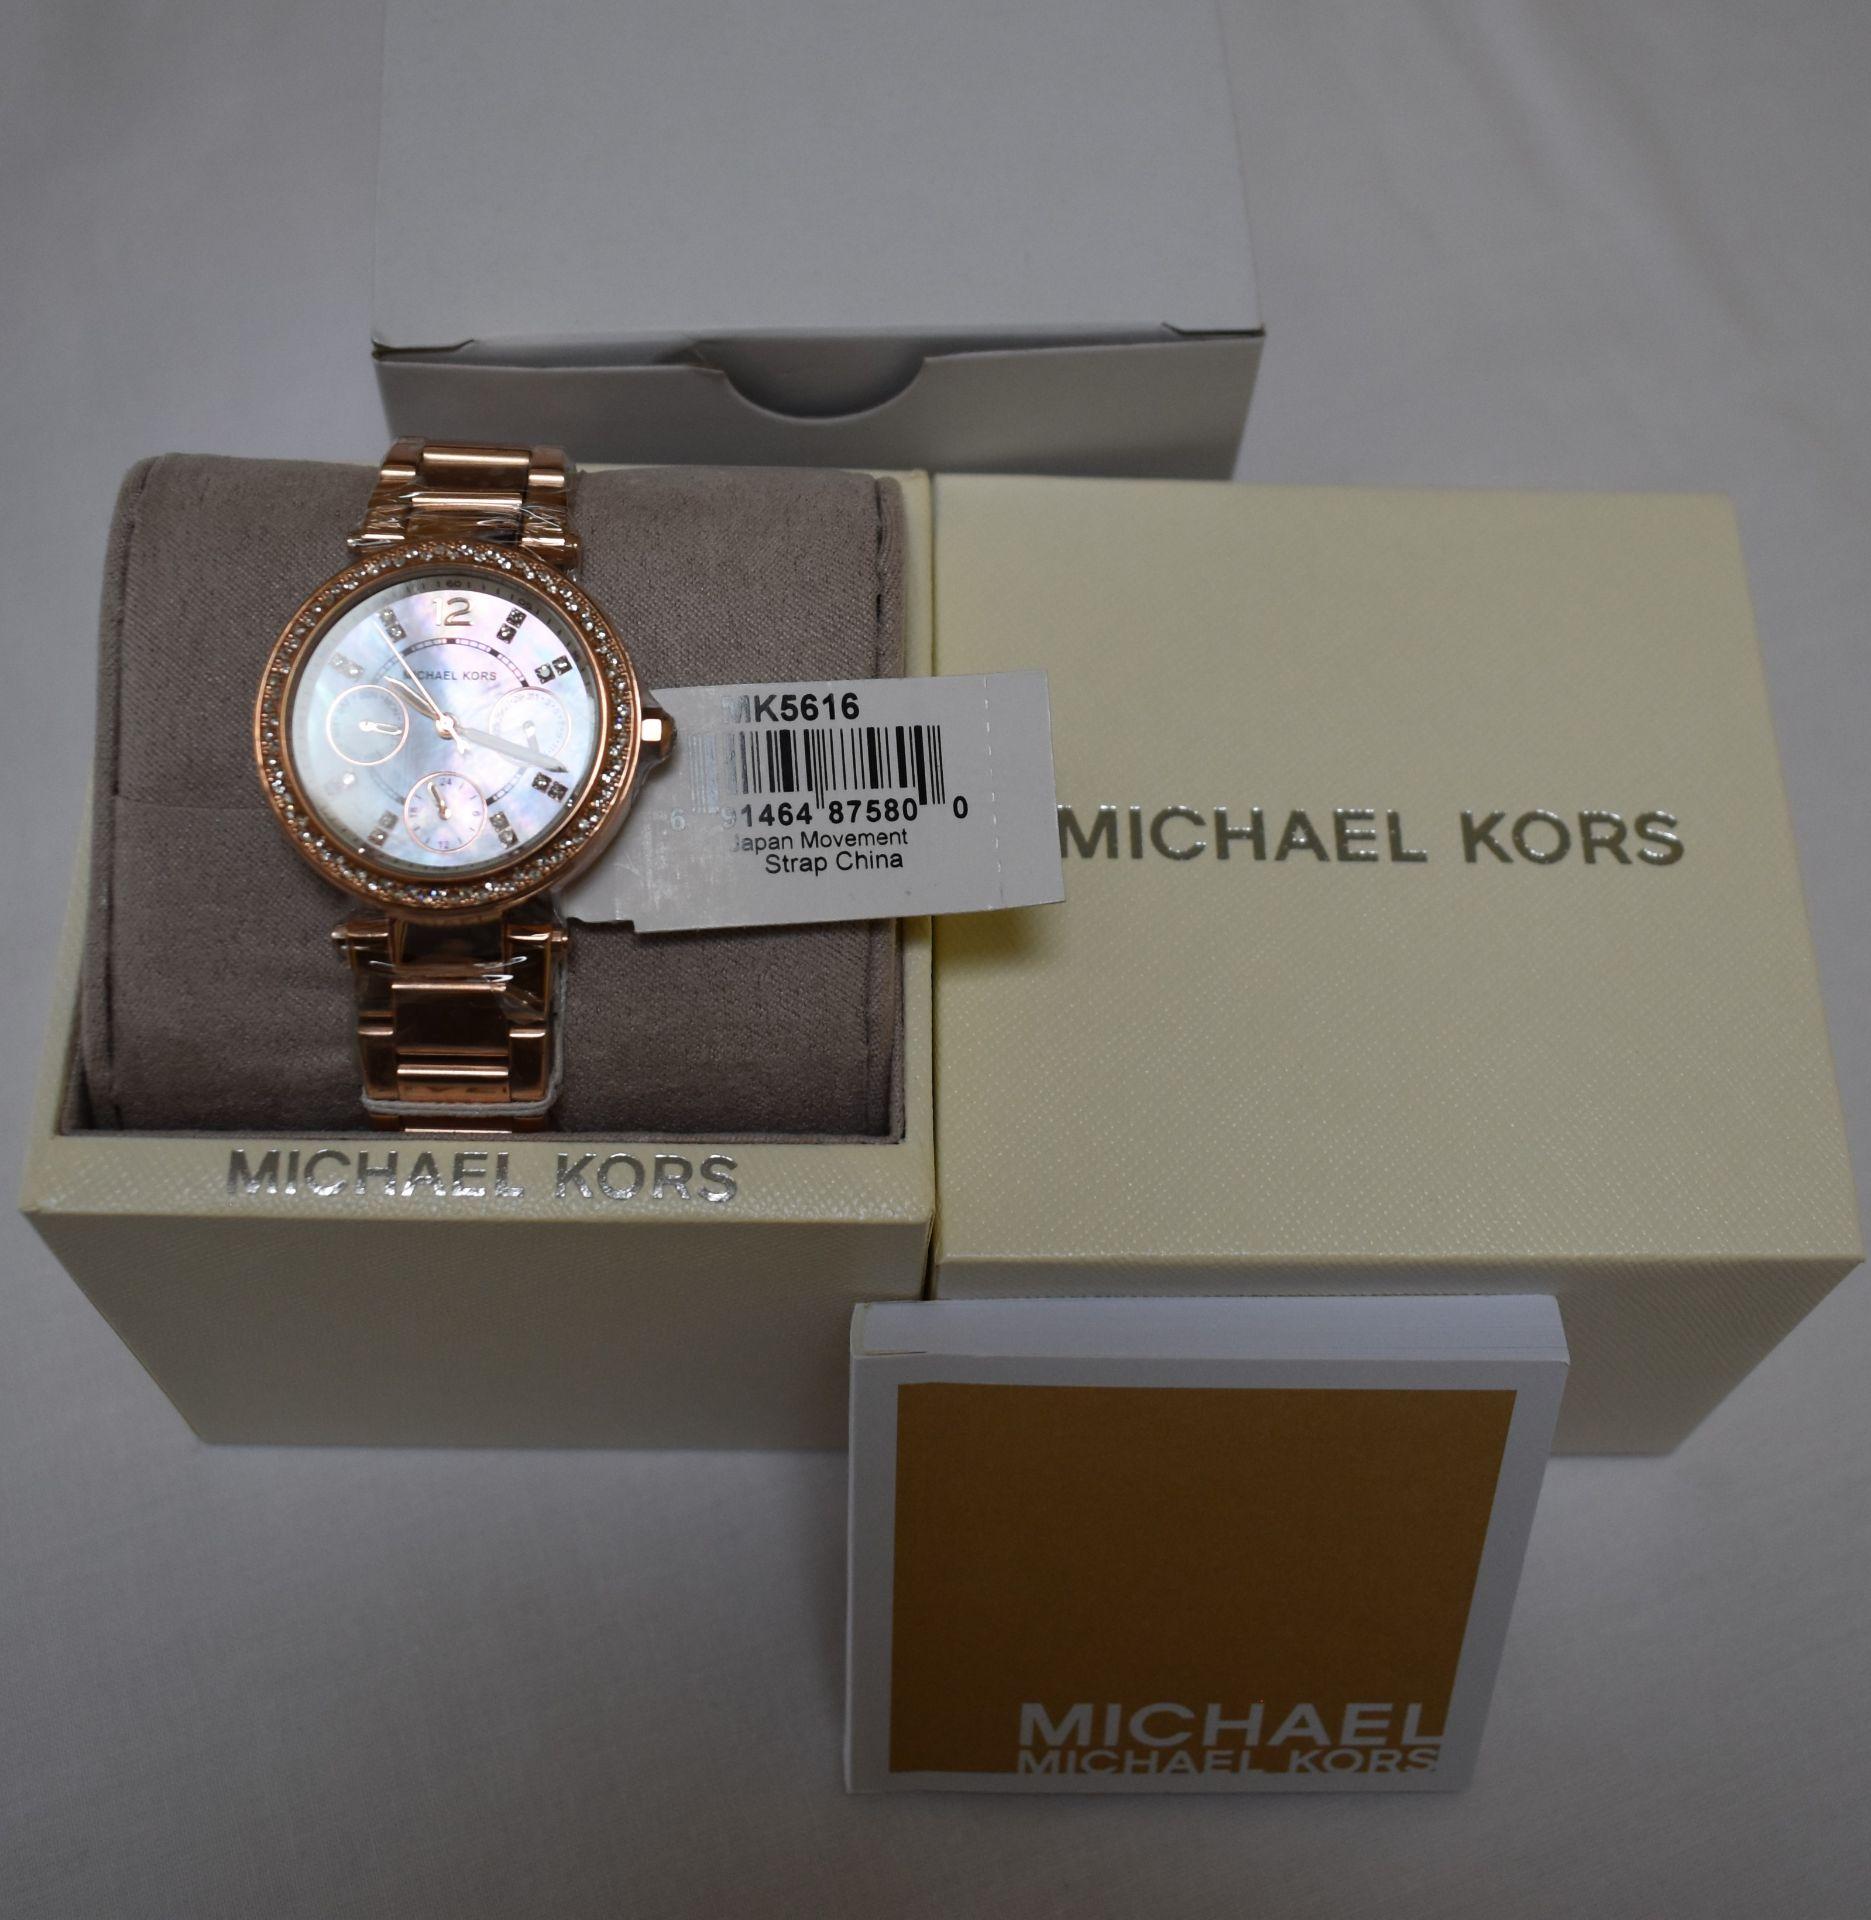 Michael Kors MK5616 Ladies Watch